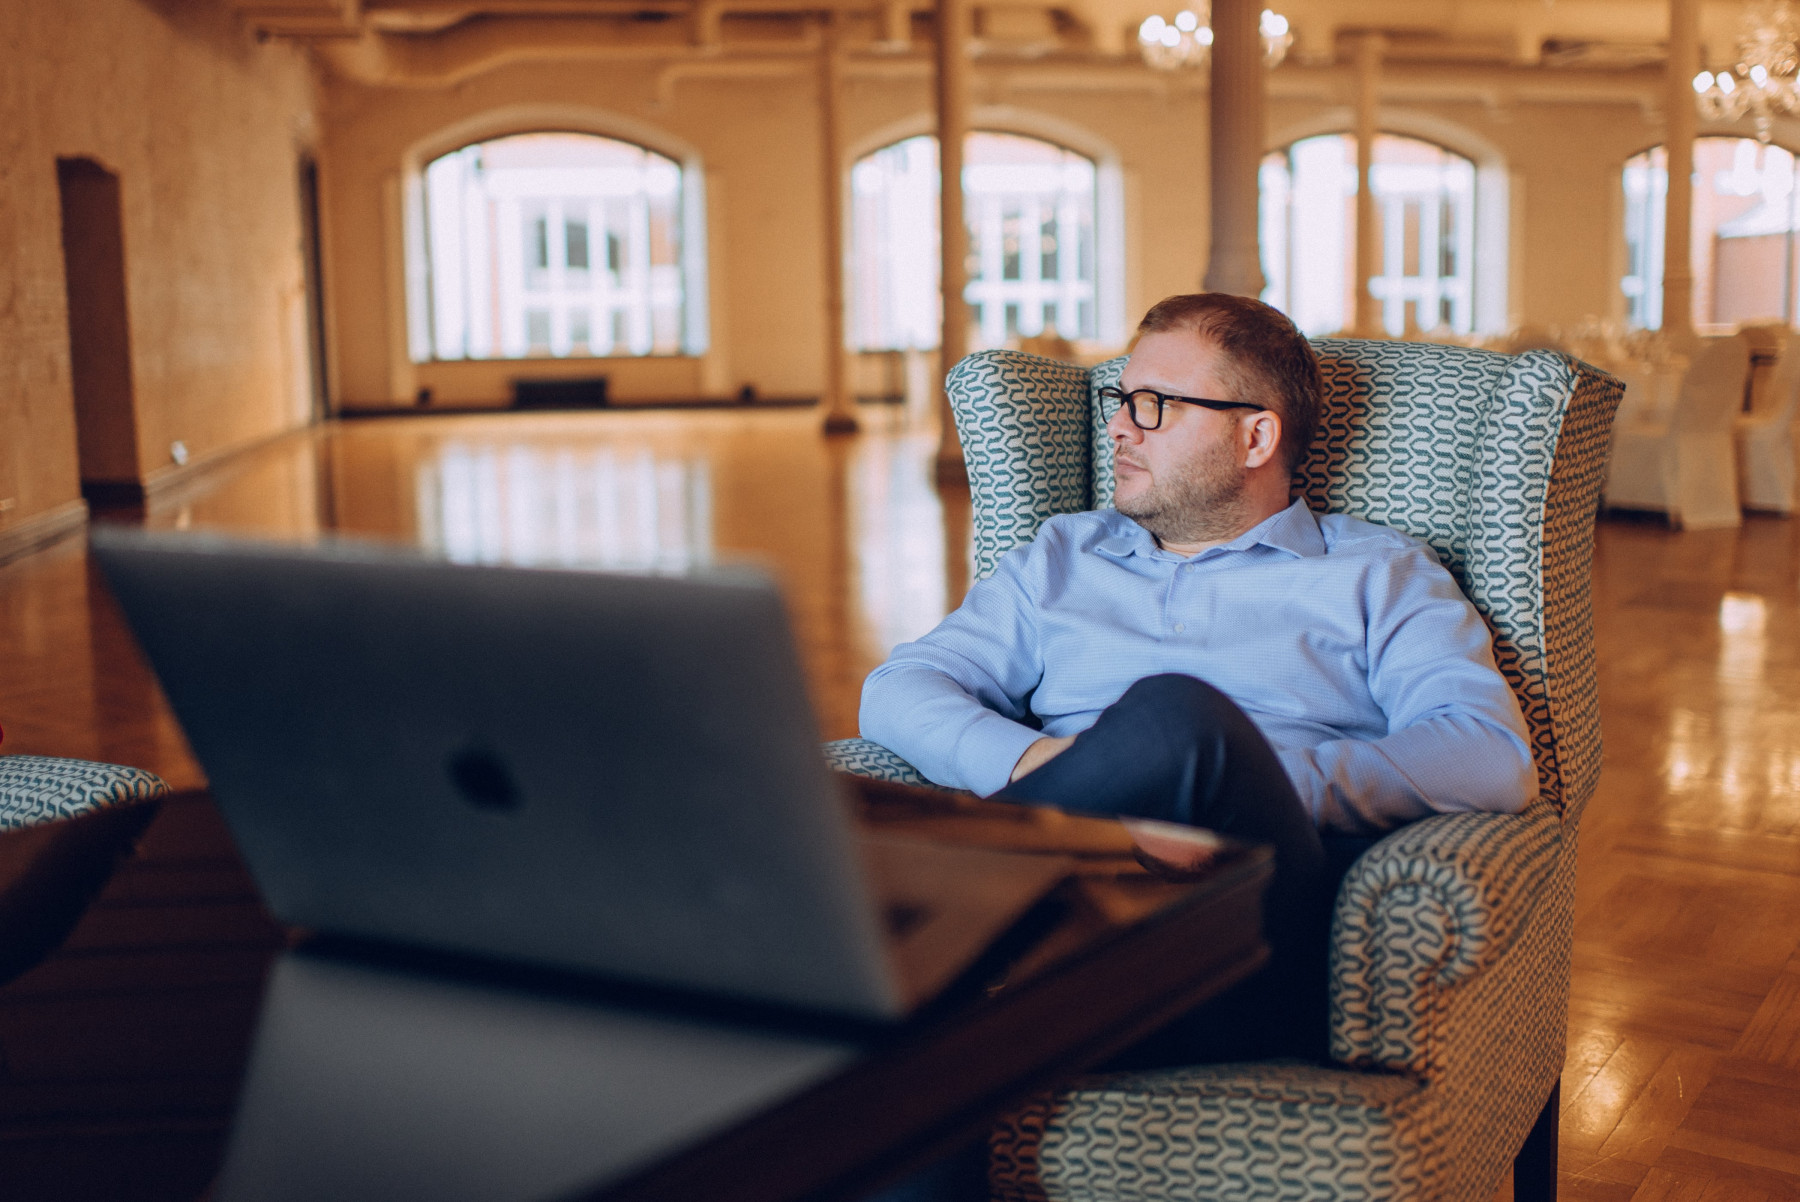 Новые возможности: интервью с основателем прокатной компании